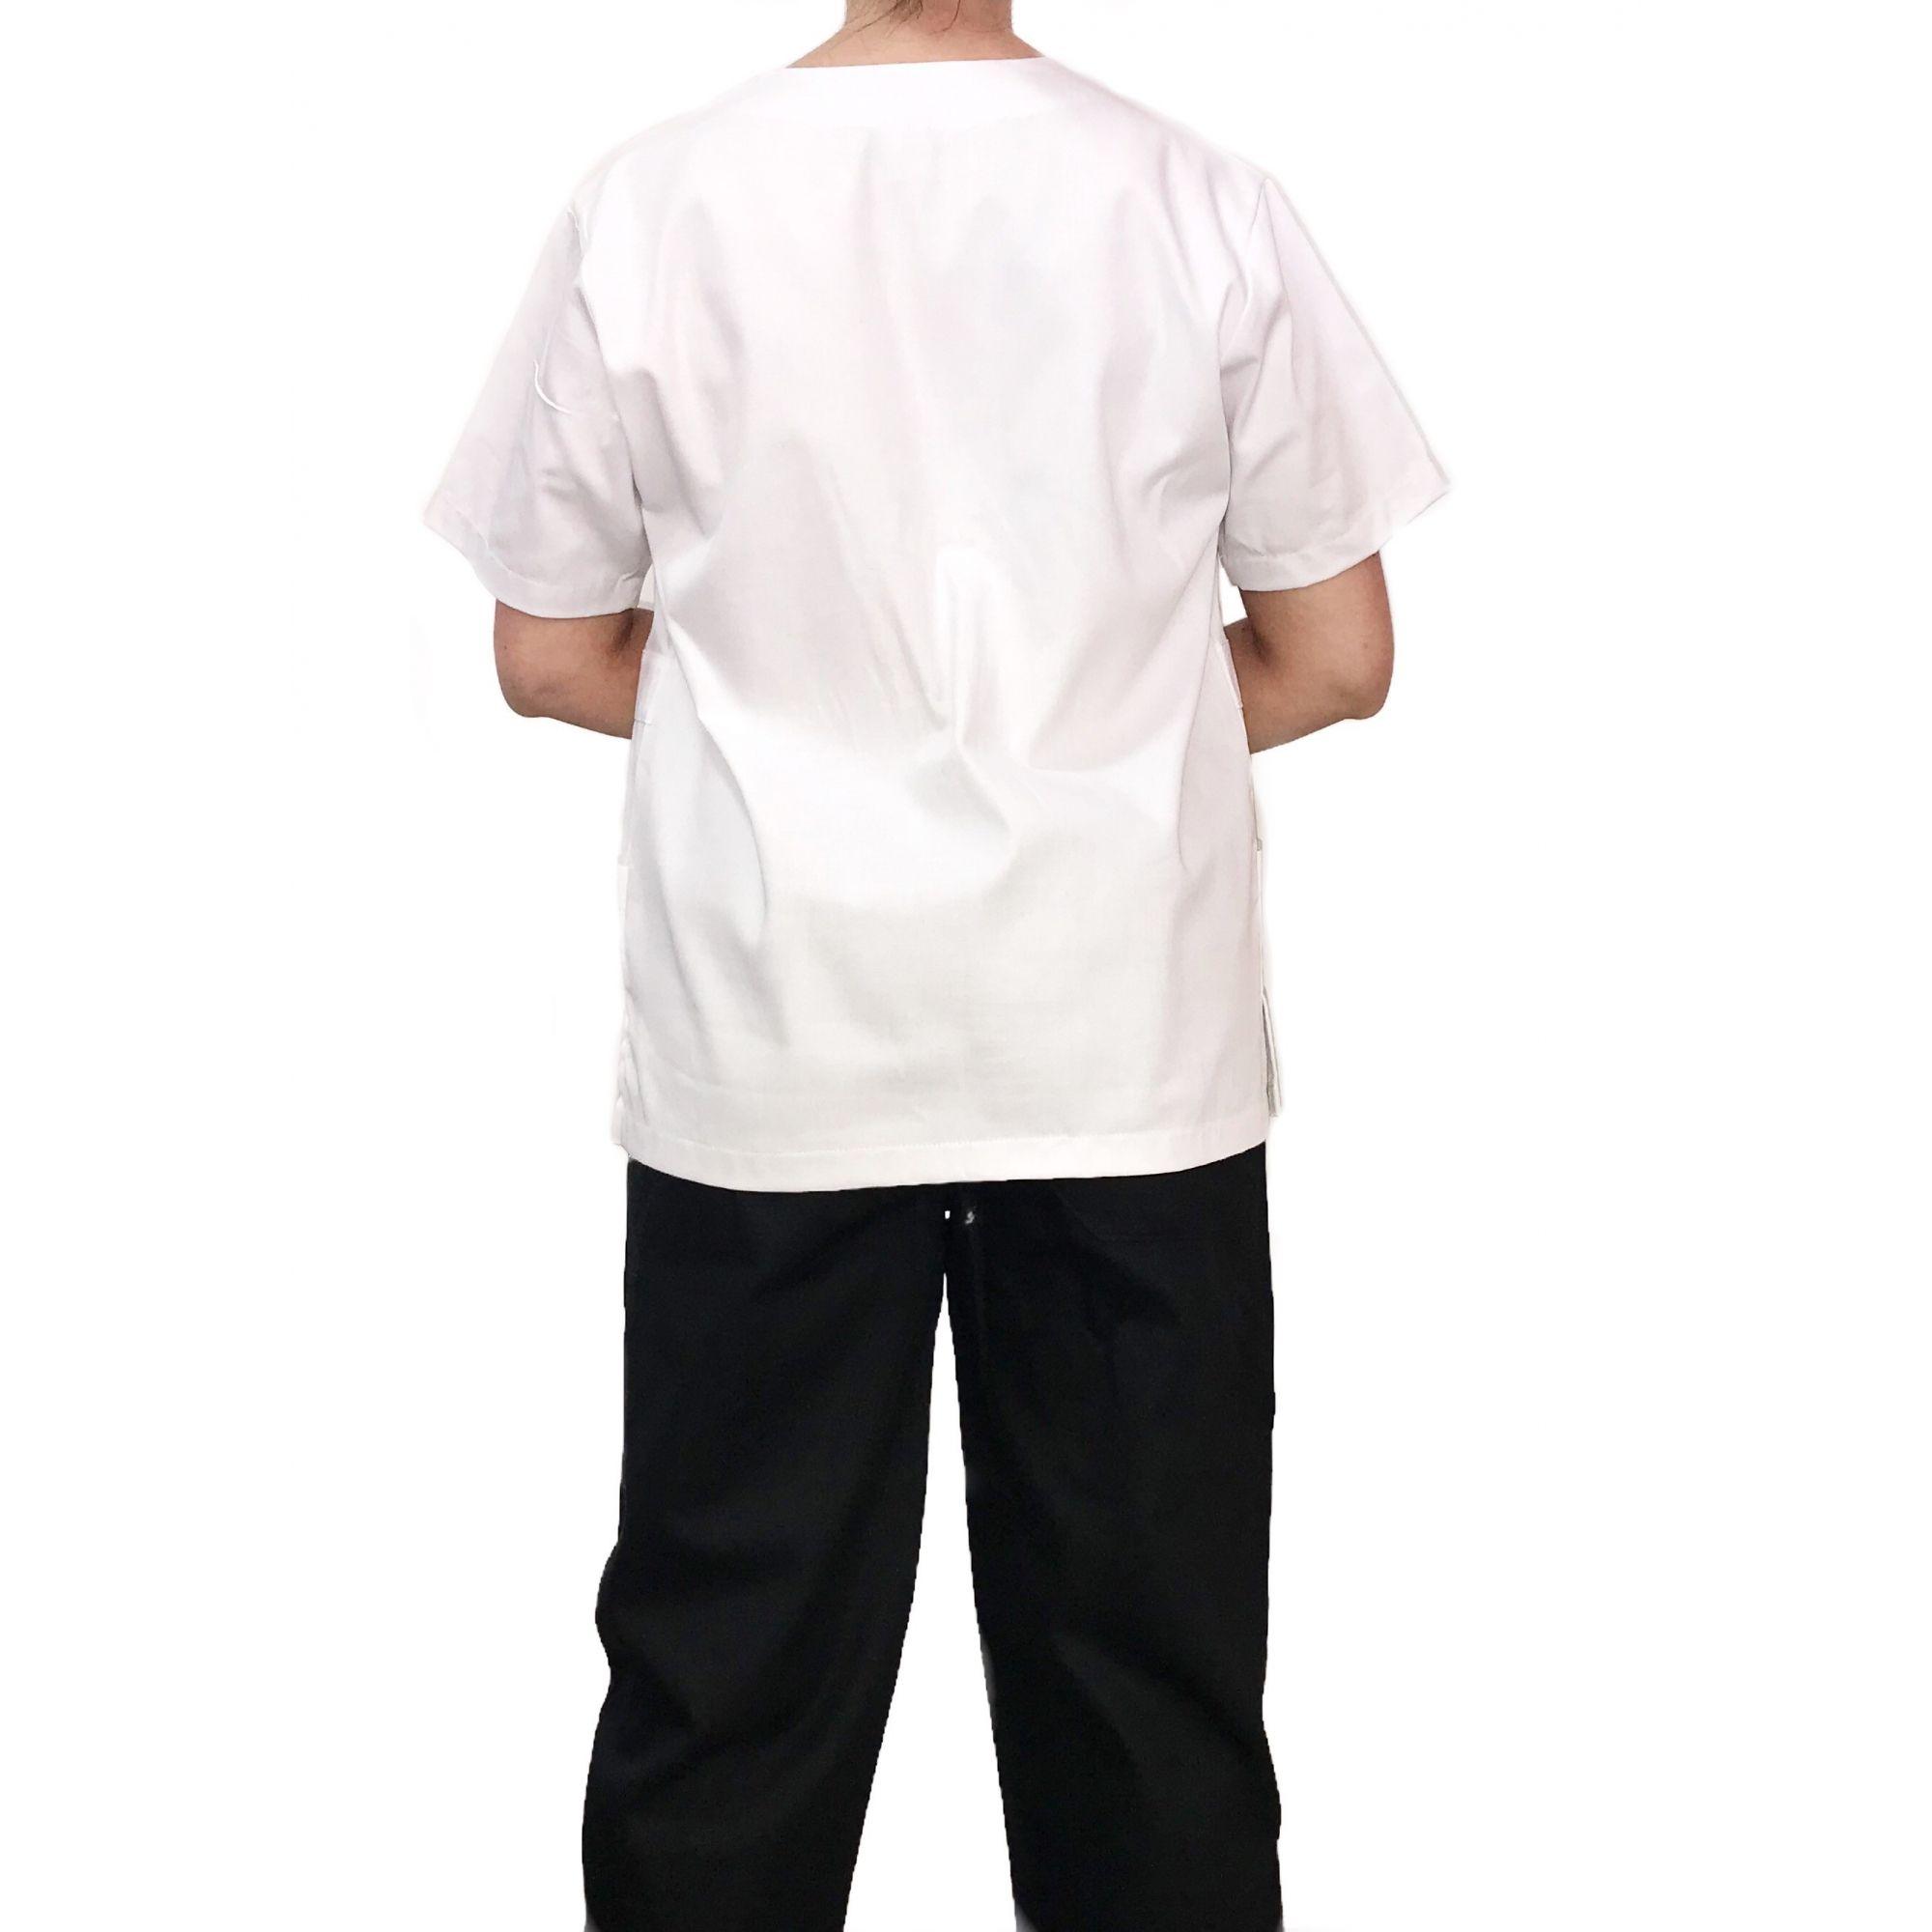 Conjunto Pijama Cirurgico SCRUB MASCULINO  Camisa BRANCA e Calça PRETA  com Cordão Tecido 100% algodão